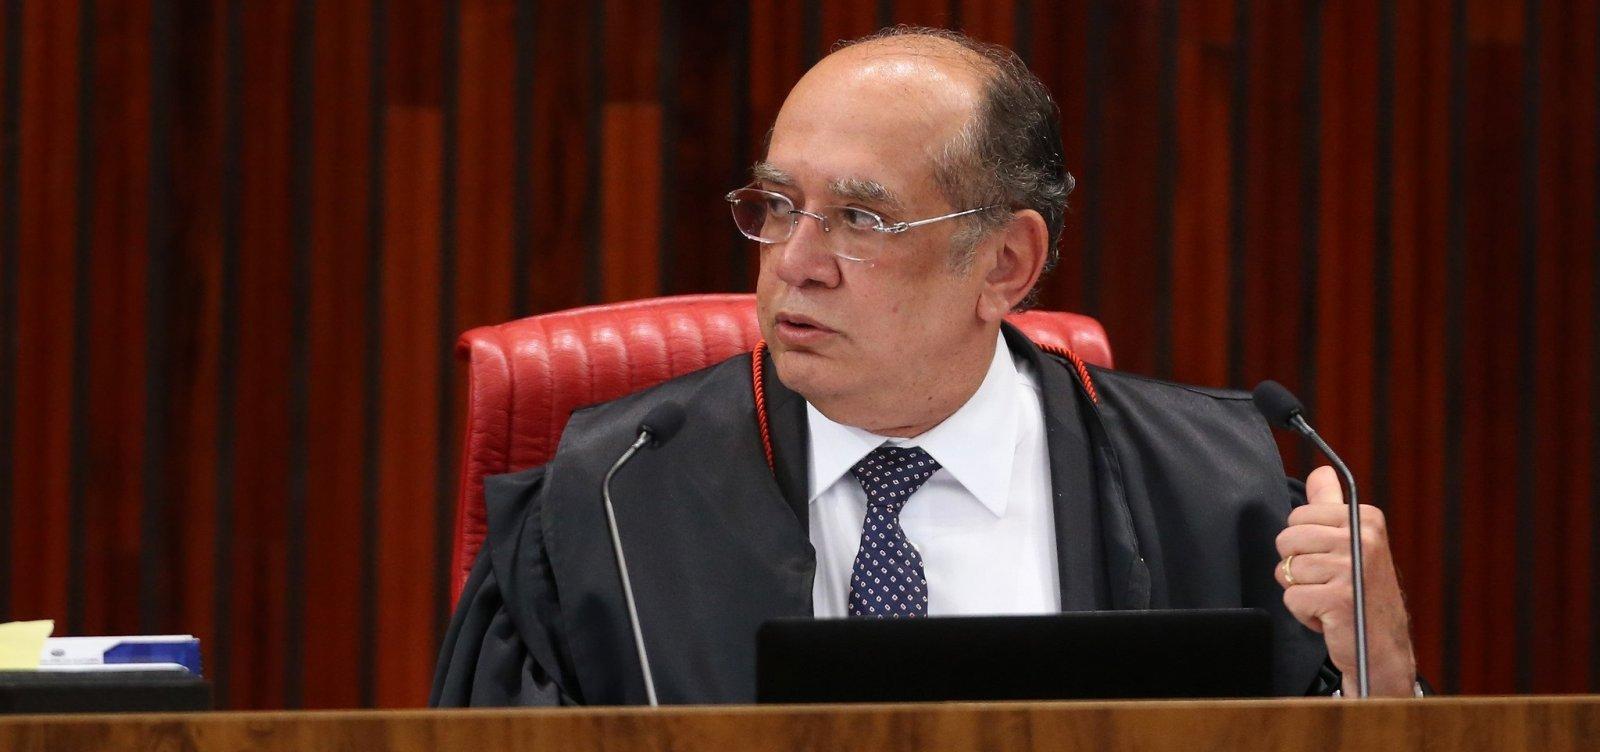 'Nos tornamos um país judiciário-dependente', critica ministro Gilmar Mendes